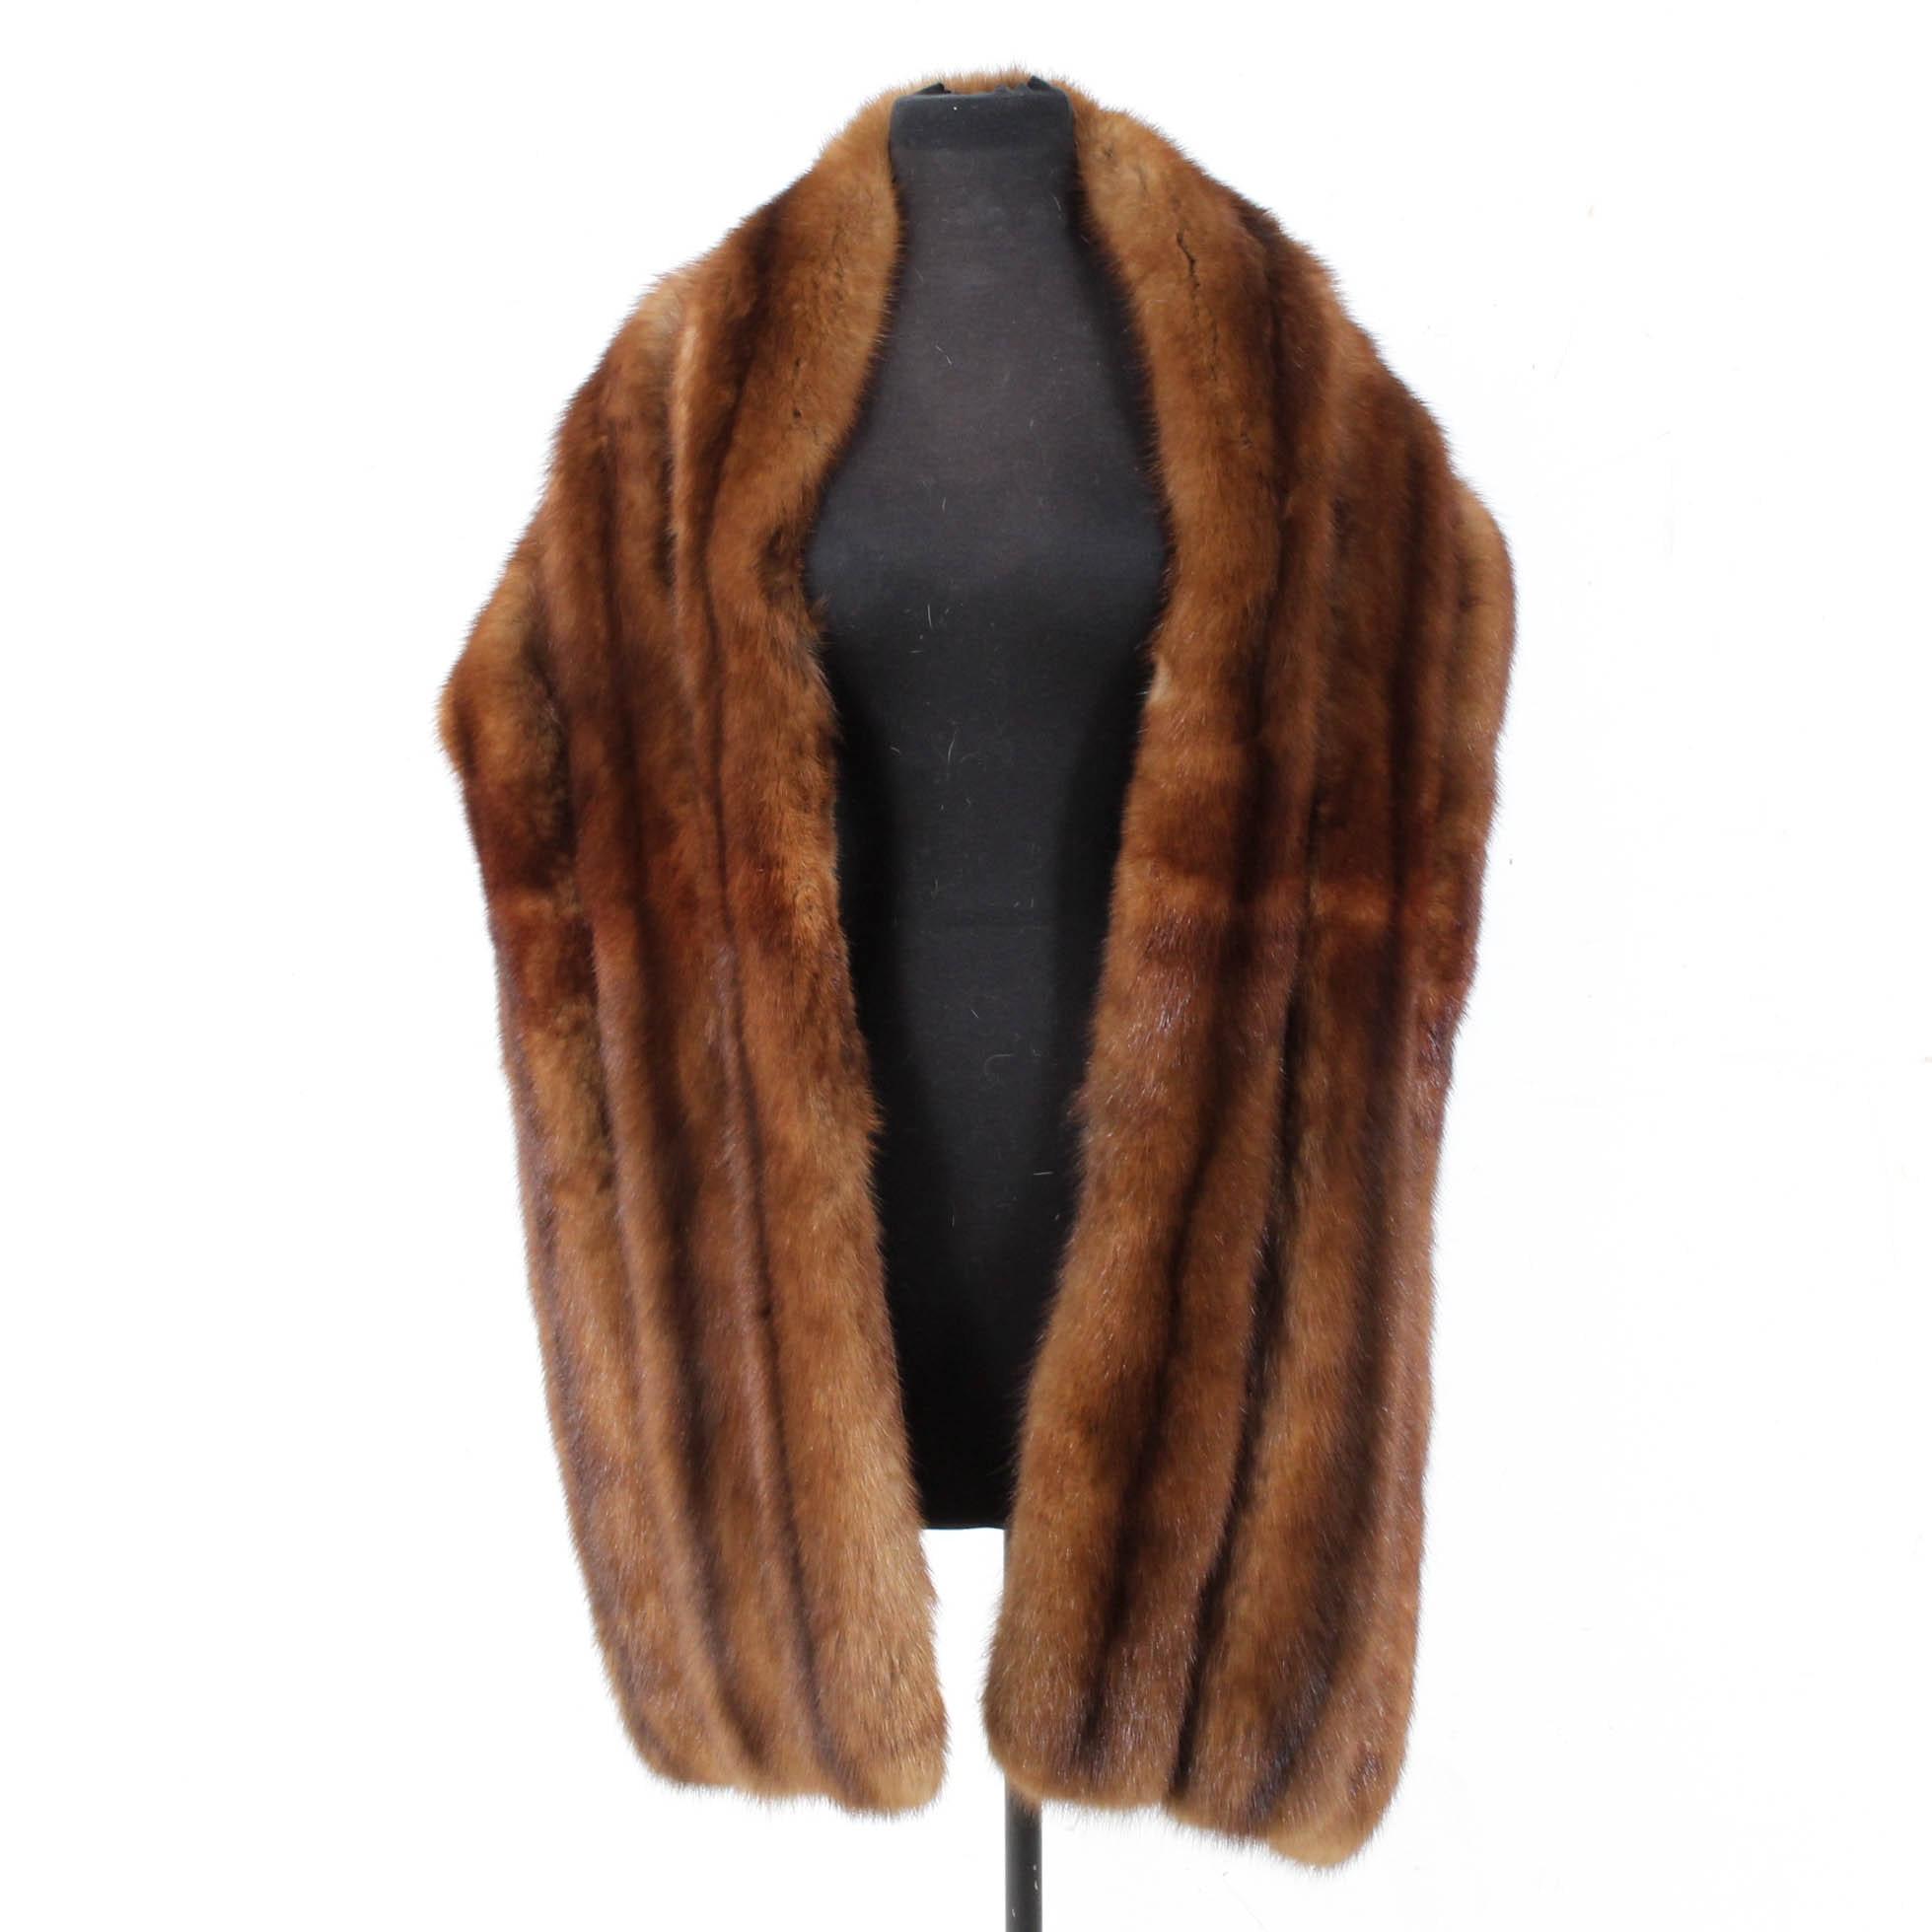 Sable Fur Stole Wrap